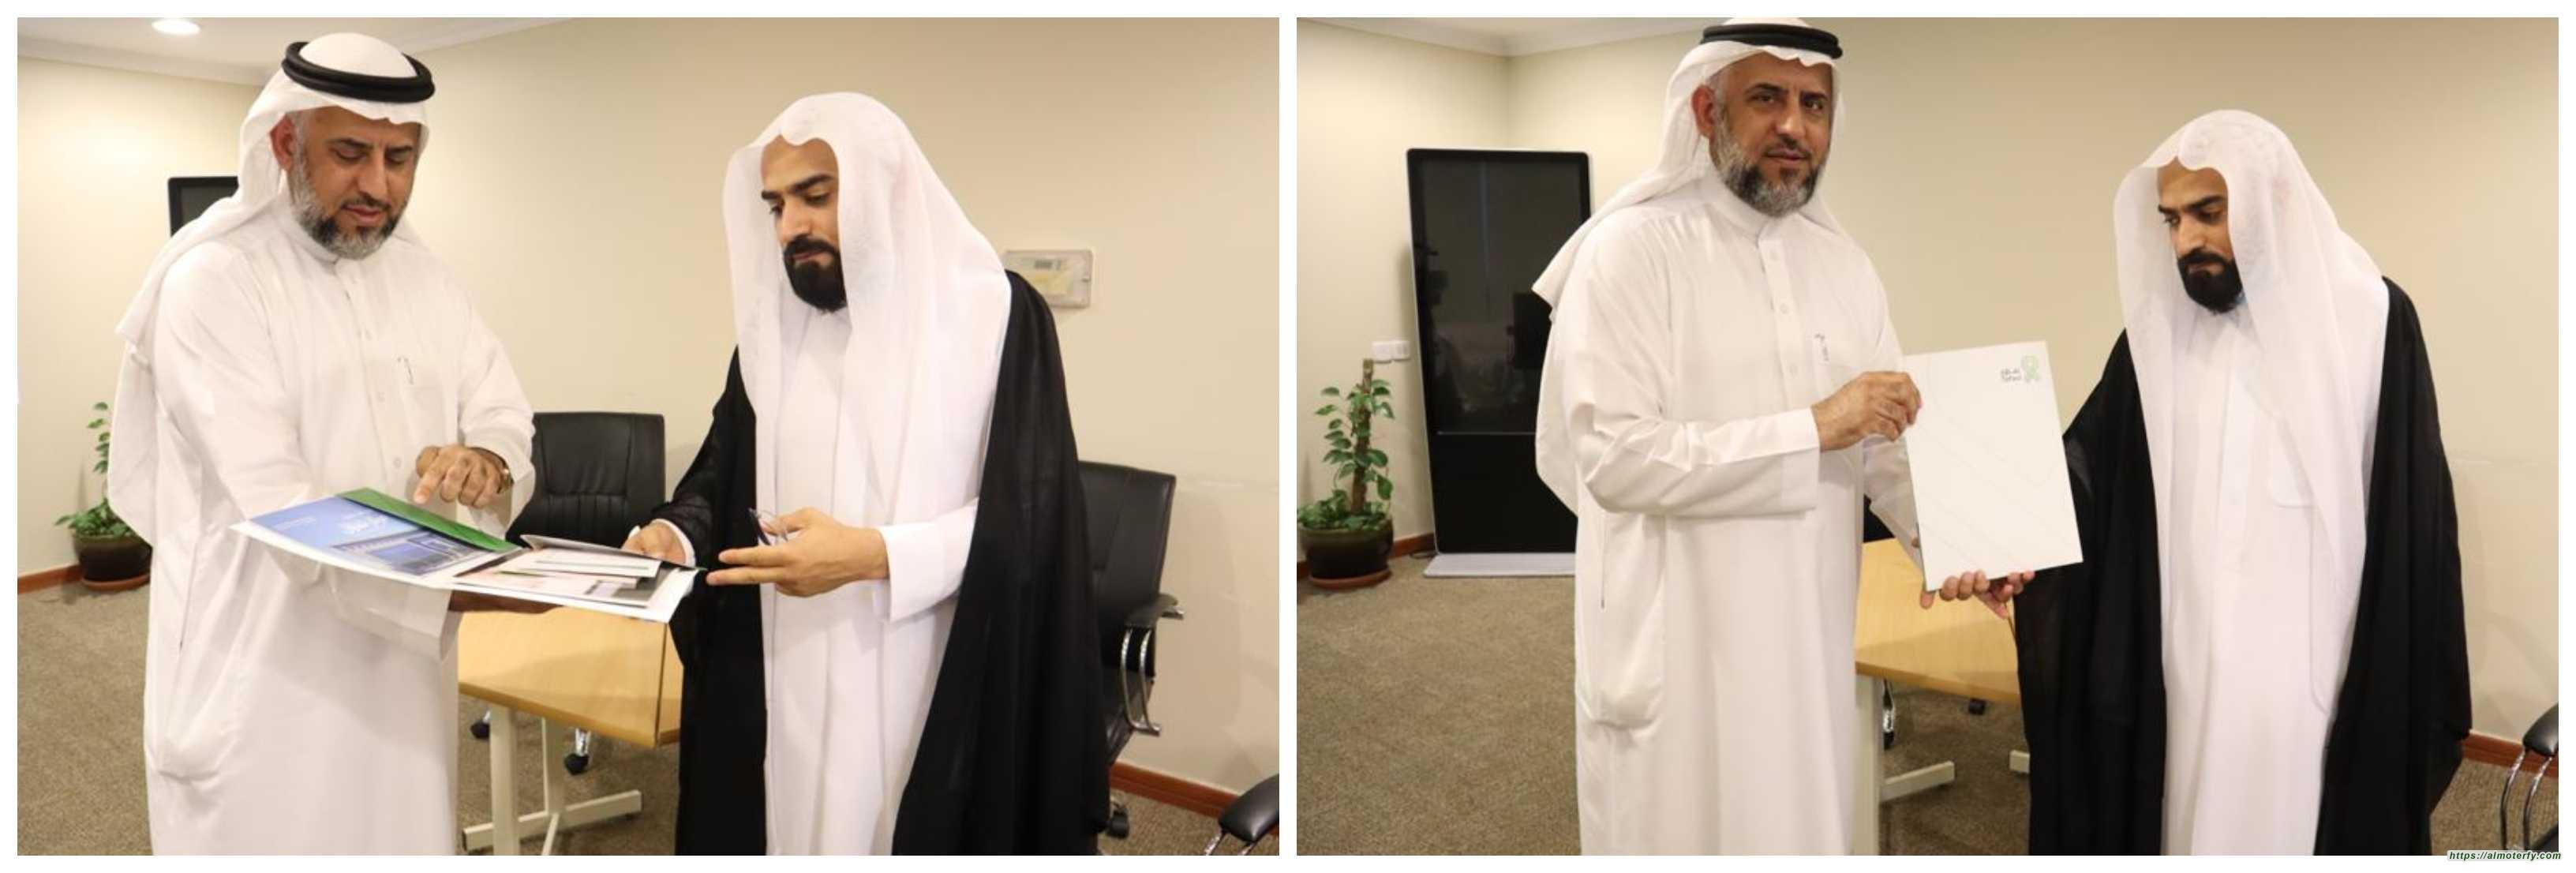 السيد باقر السلمان  يزور مقر جمعية مكافحة السرطان الخيرية بالأحساء(تفاؤل)